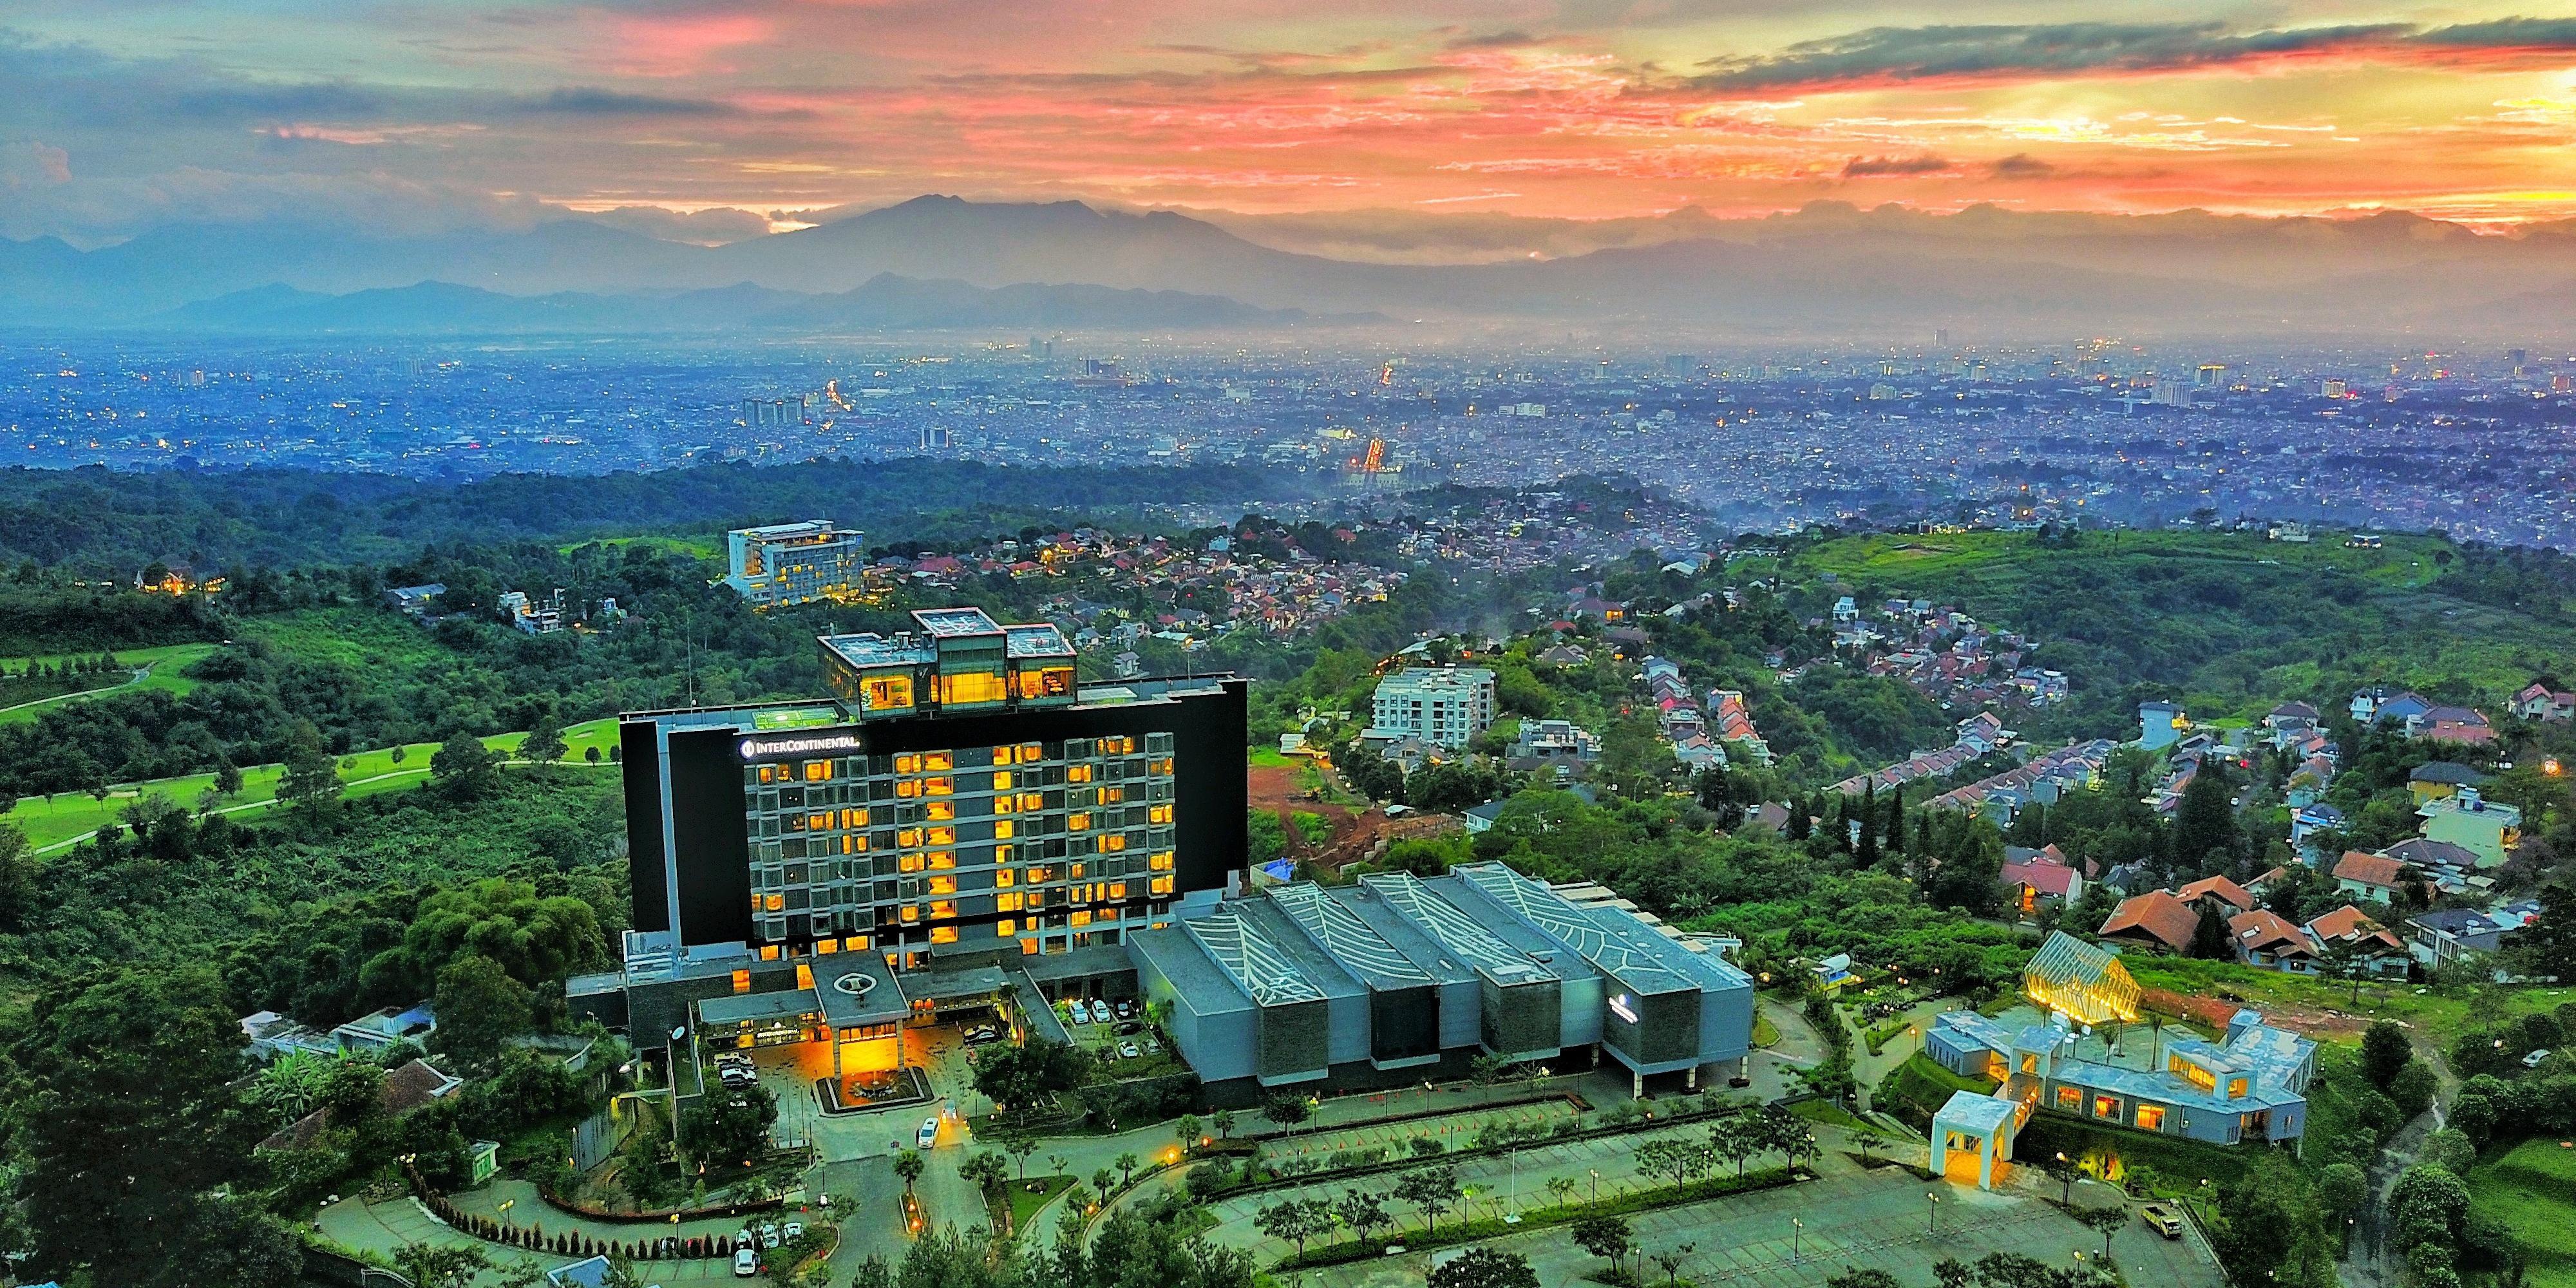 Ciudad de Bandung, Indonesia